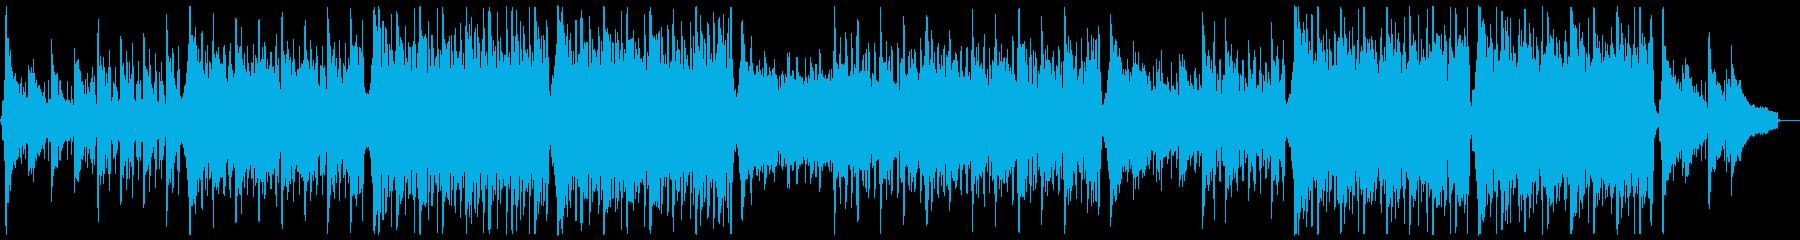 明るく前向きなトロピカルハウス:フルx1の再生済みの波形